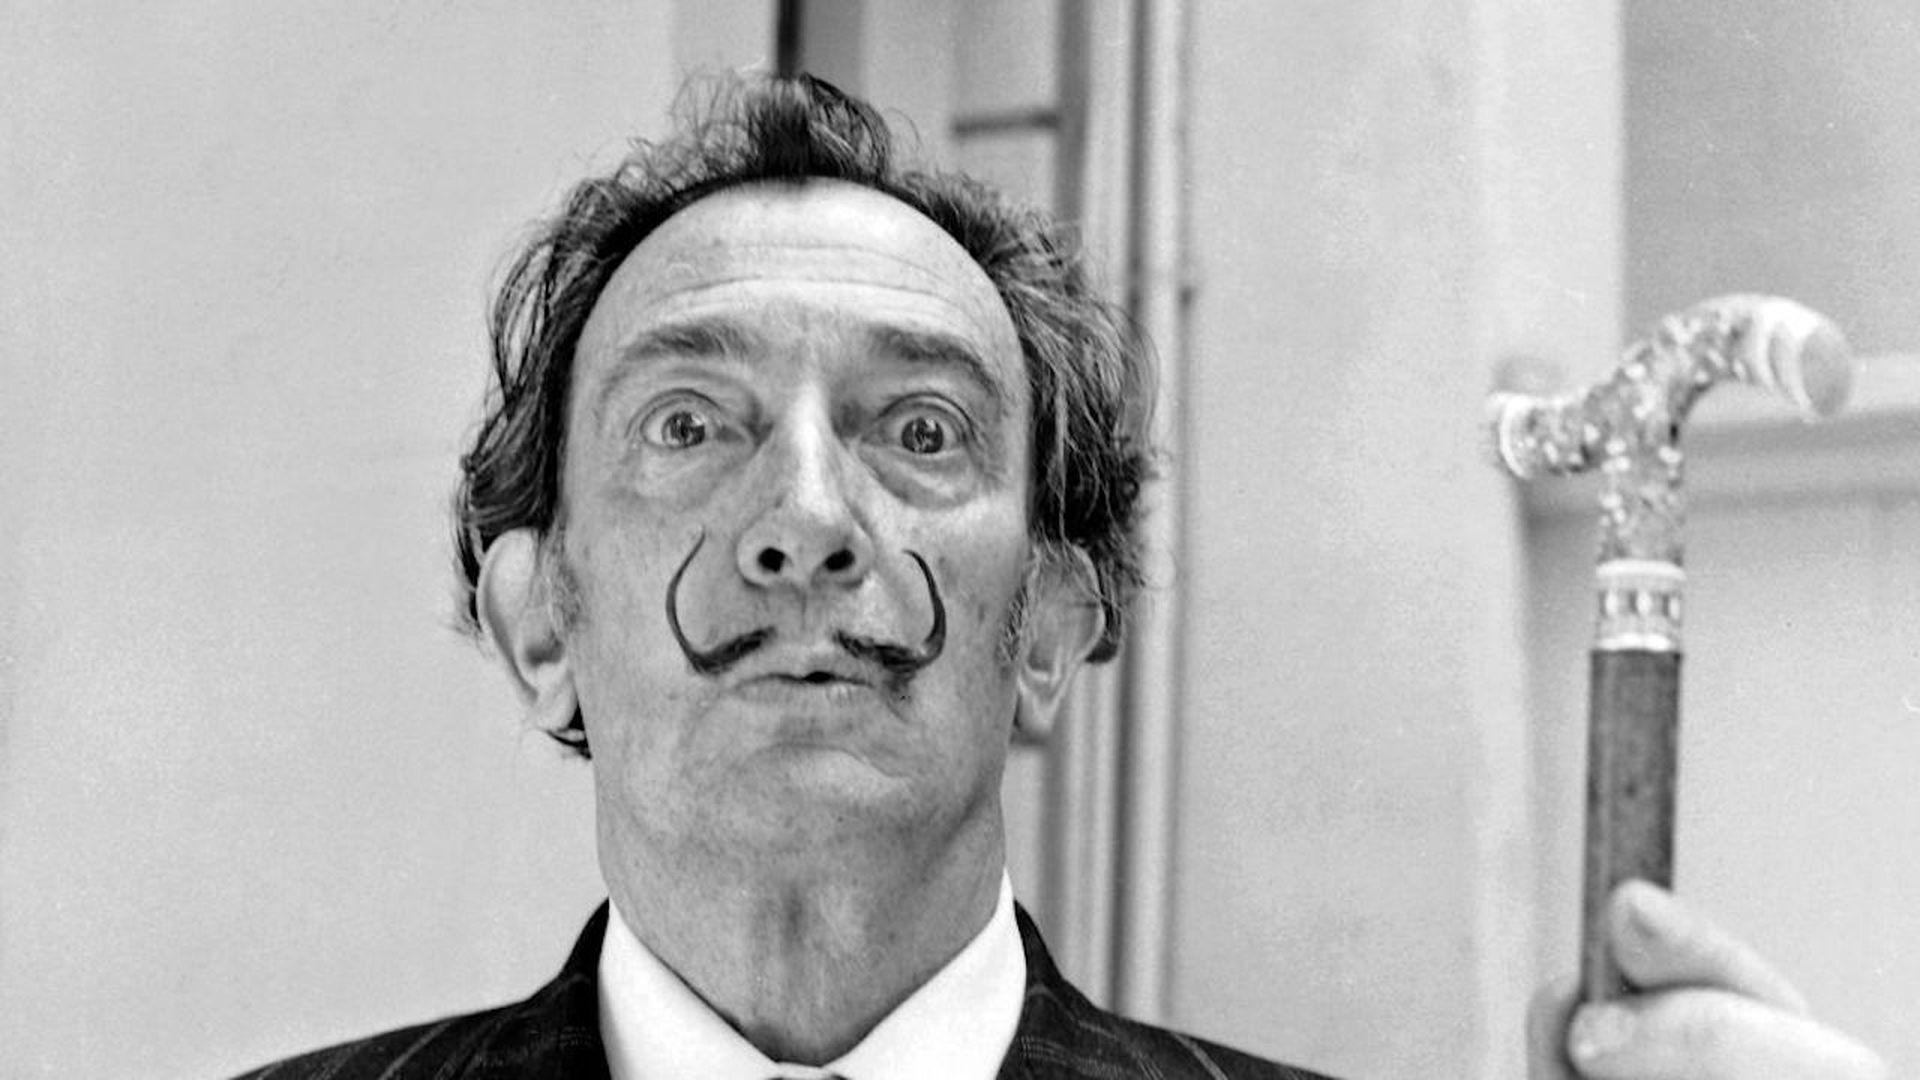 A new Florida art installation reanimates Salvador Dalí - Axios